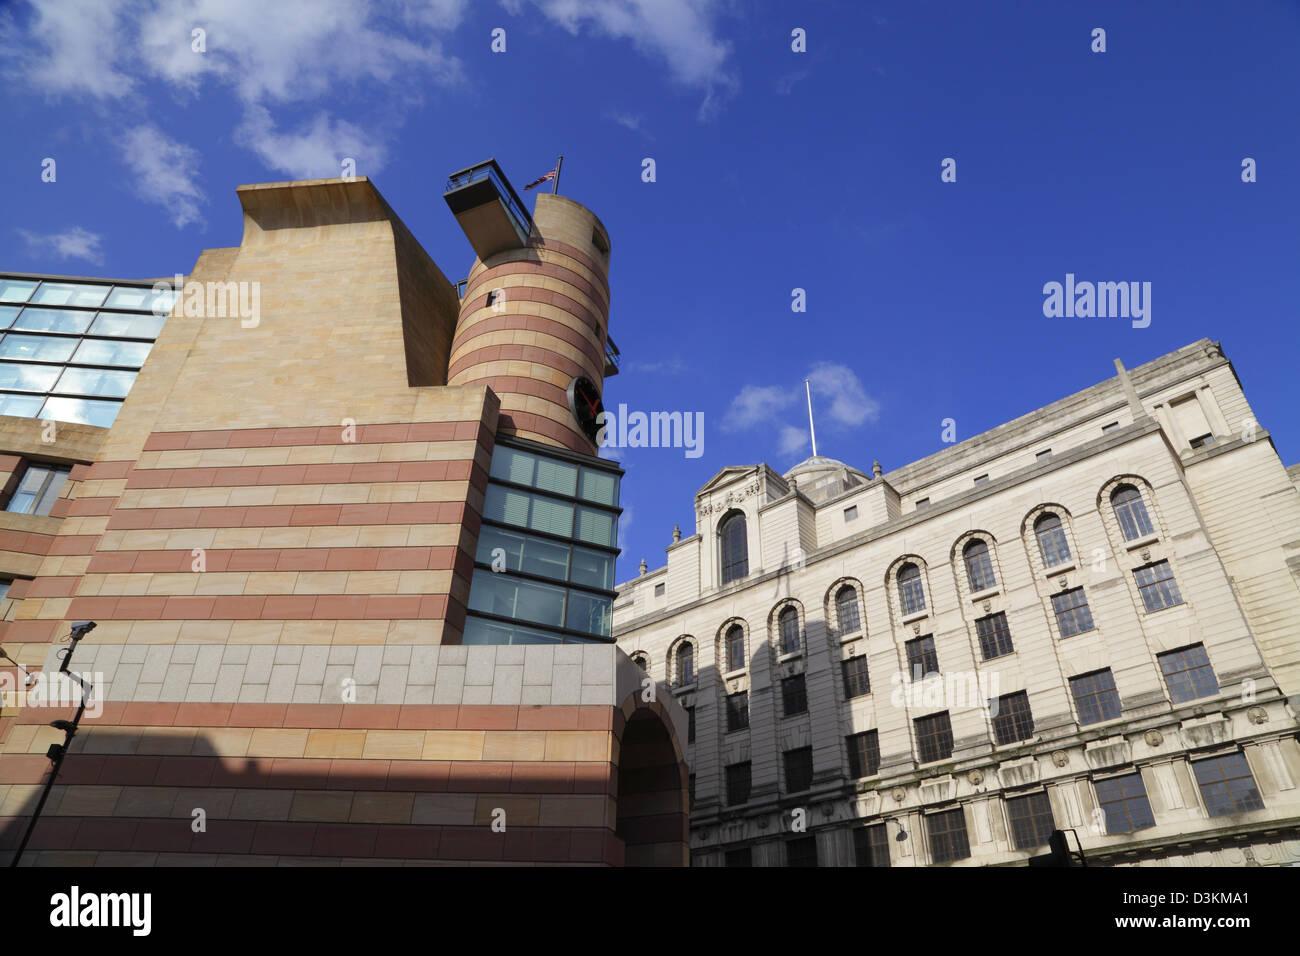 La arquitectura de la ciudad, un edificio de aves de corral, de la ciudad de Londres, Inglaterra, Reino Unido, GB Imagen De Stock